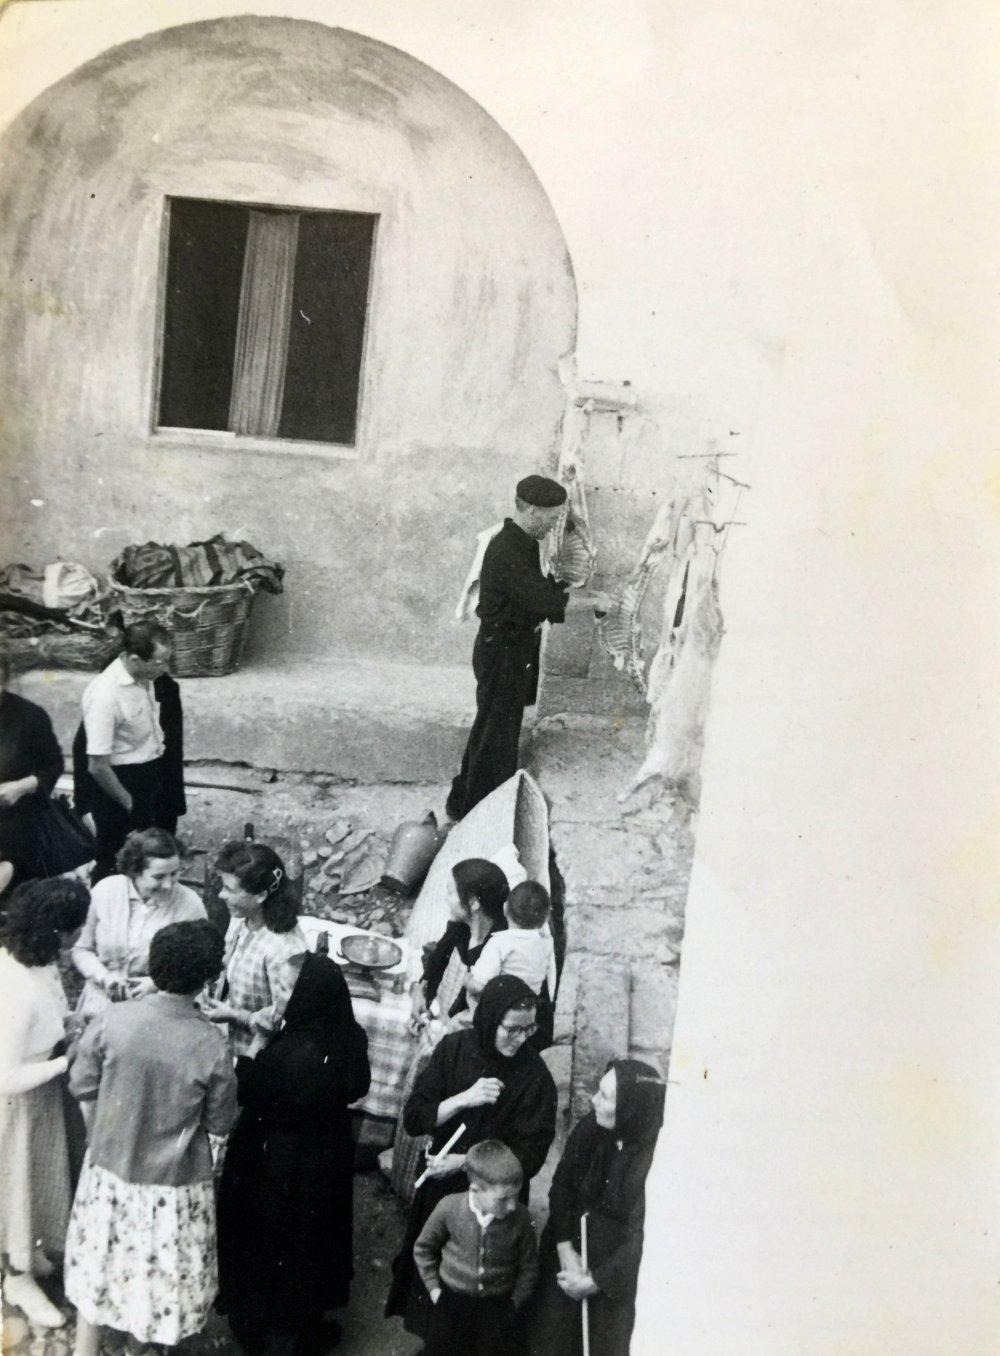 El corder de Sant Joan. c.1960